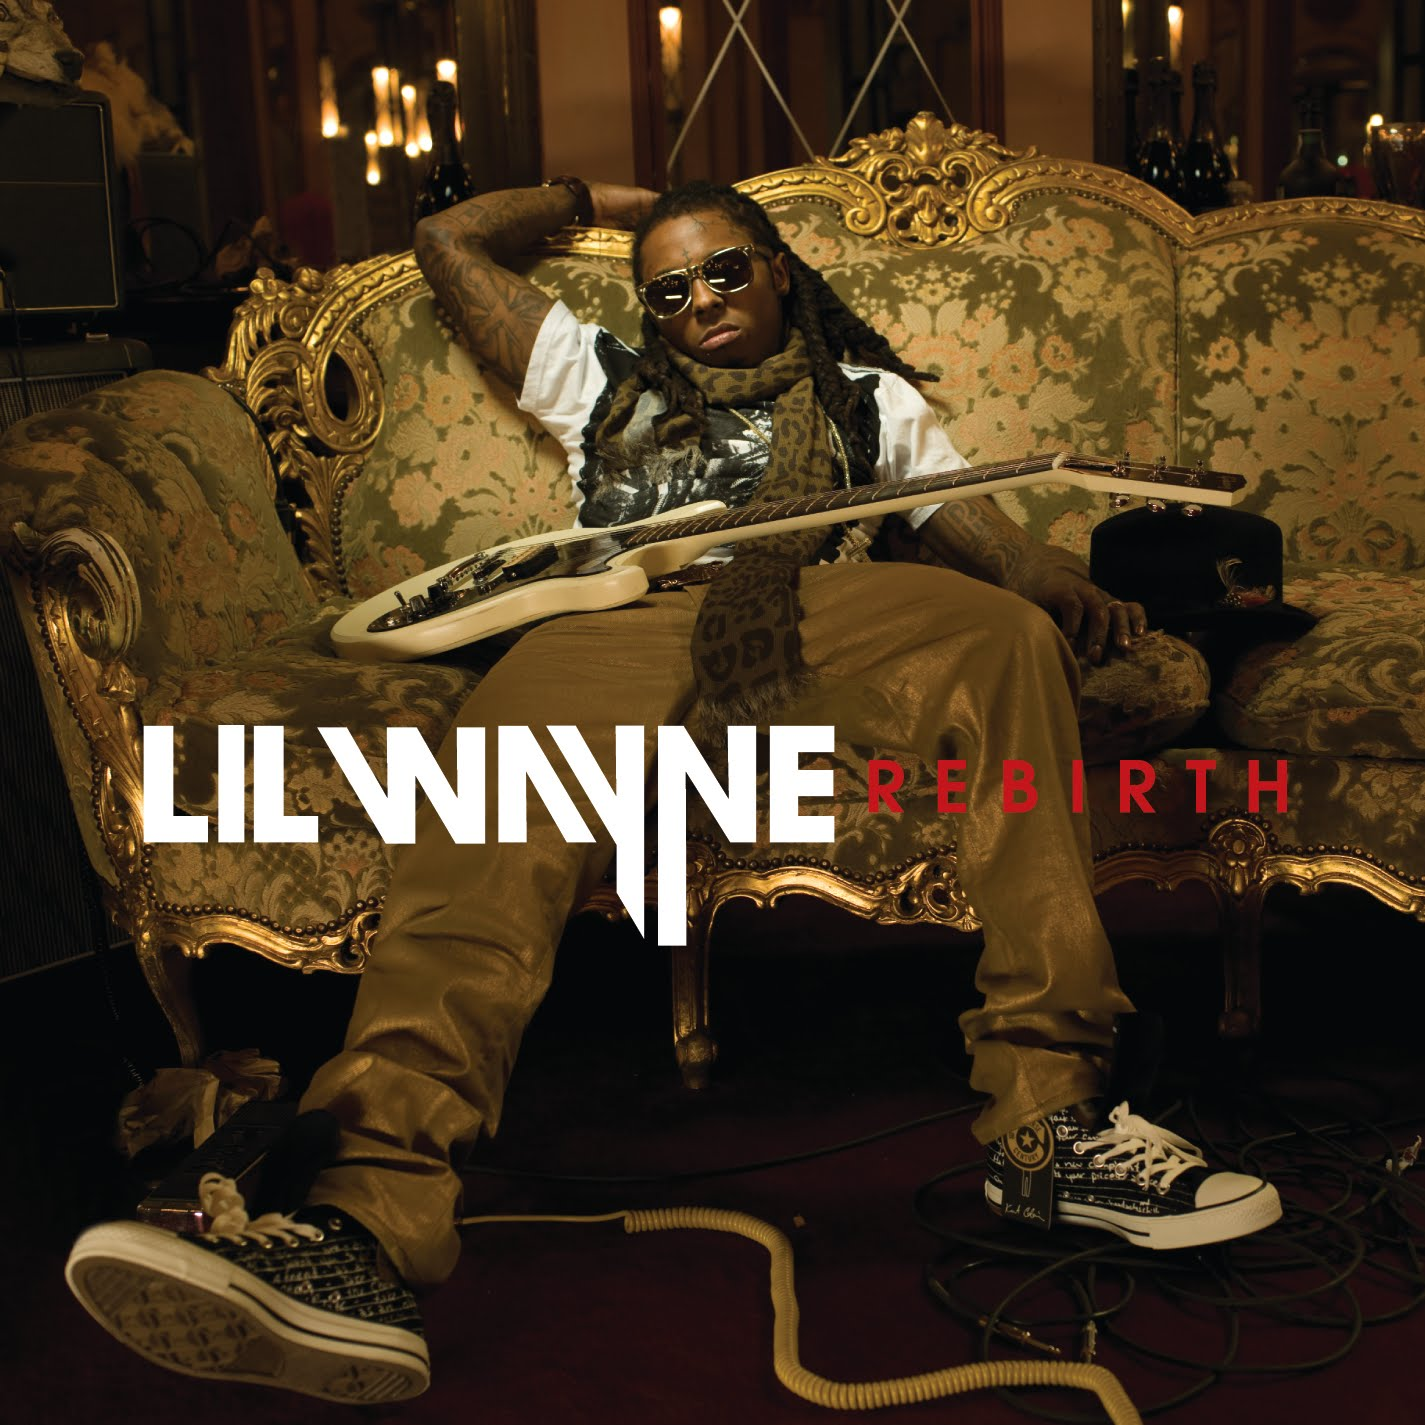 http://3.bp.blogspot.com/_6m1W8in3gg8/TK7PIpza2UI/AAAAAAAABcU/S31u5H6w05w/s1600/Lil-Wayne_REBIRTH_COVER.JPG